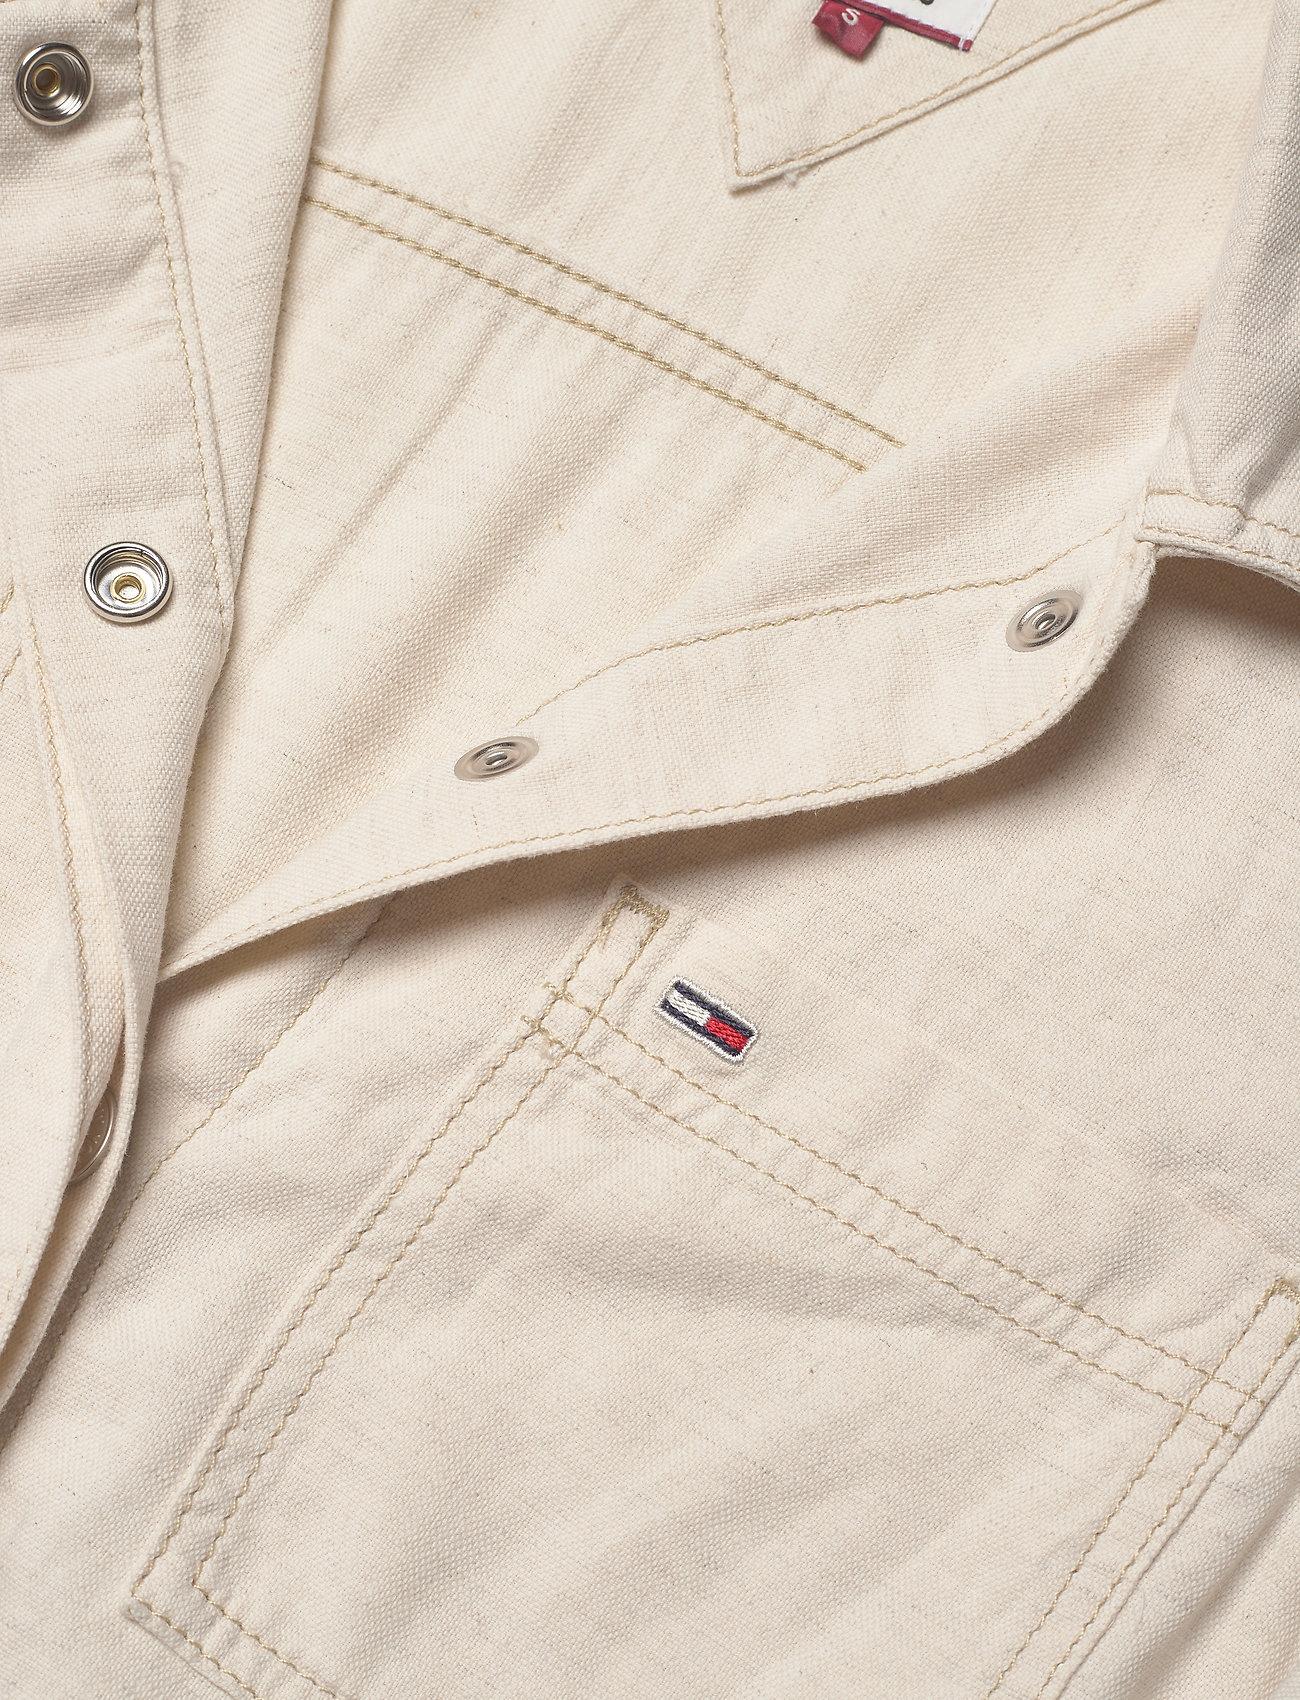 Tommy Jeans Short Jumpsuit - Jumpsuits Peyton White Cotton Linen